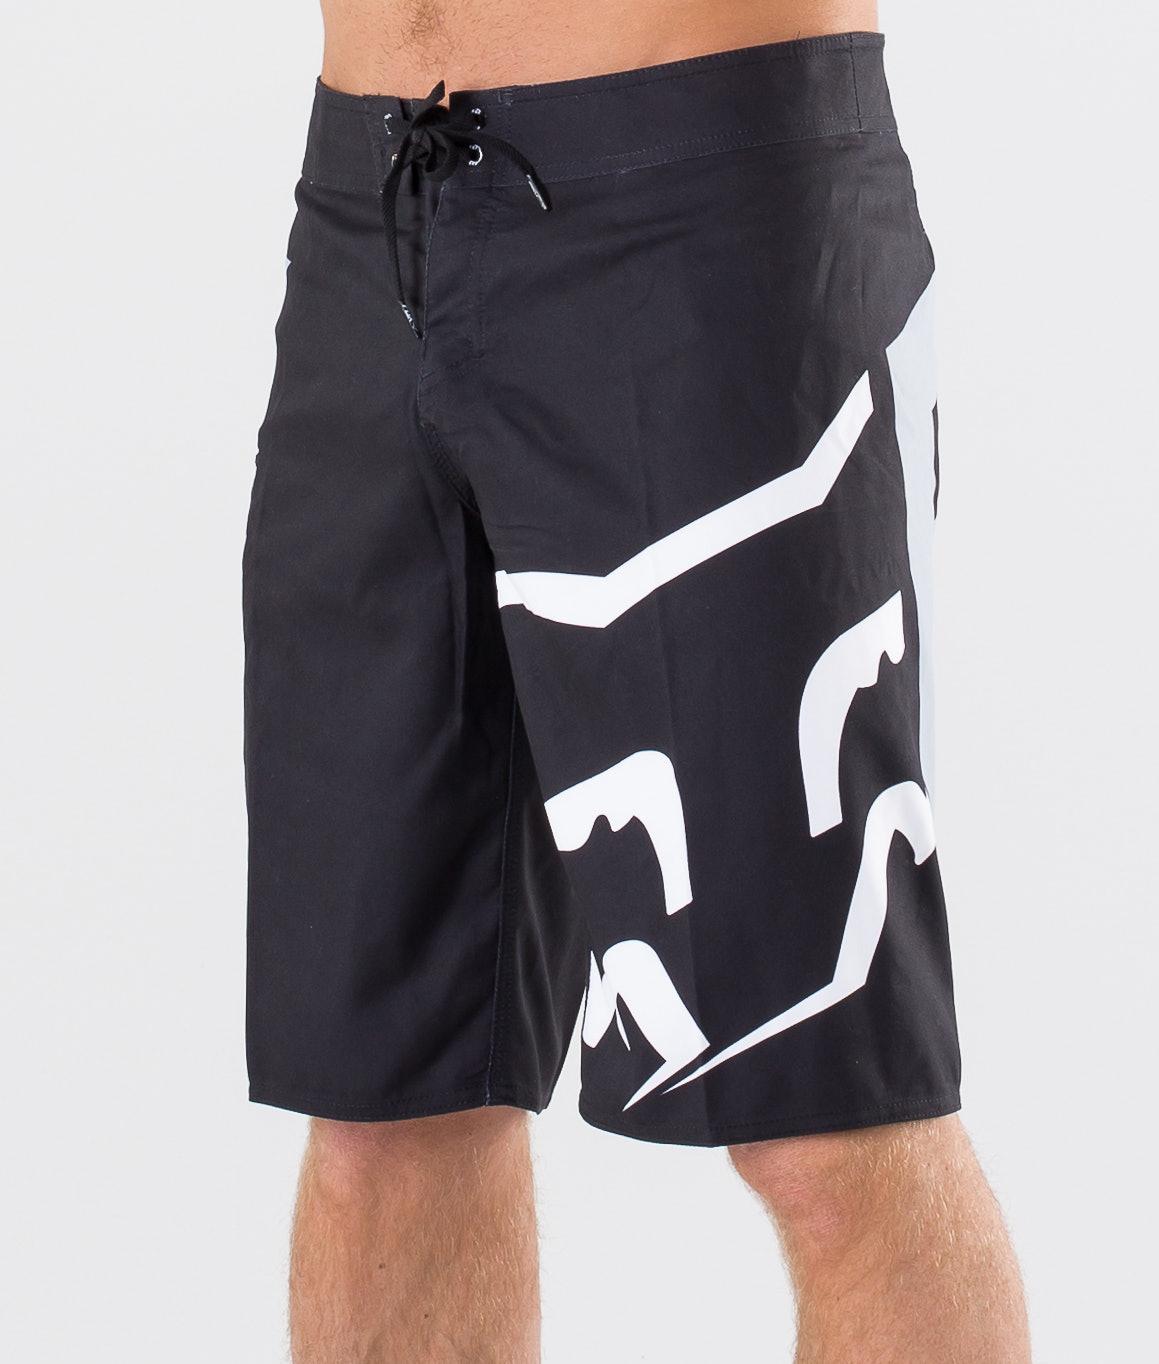 67dcc4bb78d4 Shorts Da Mare Uomo | Spedizione Gratuita | RIDESTORE